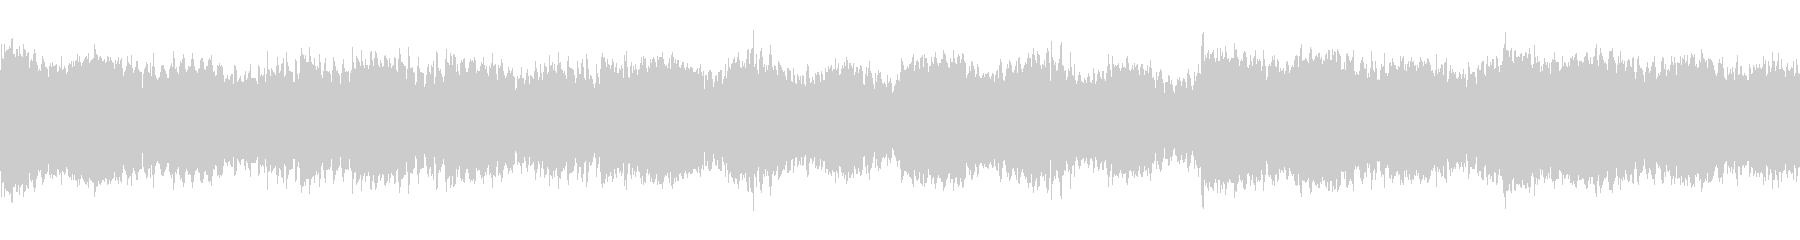 未来感のある無機質なテクスチャー系BGMの未再生の波形